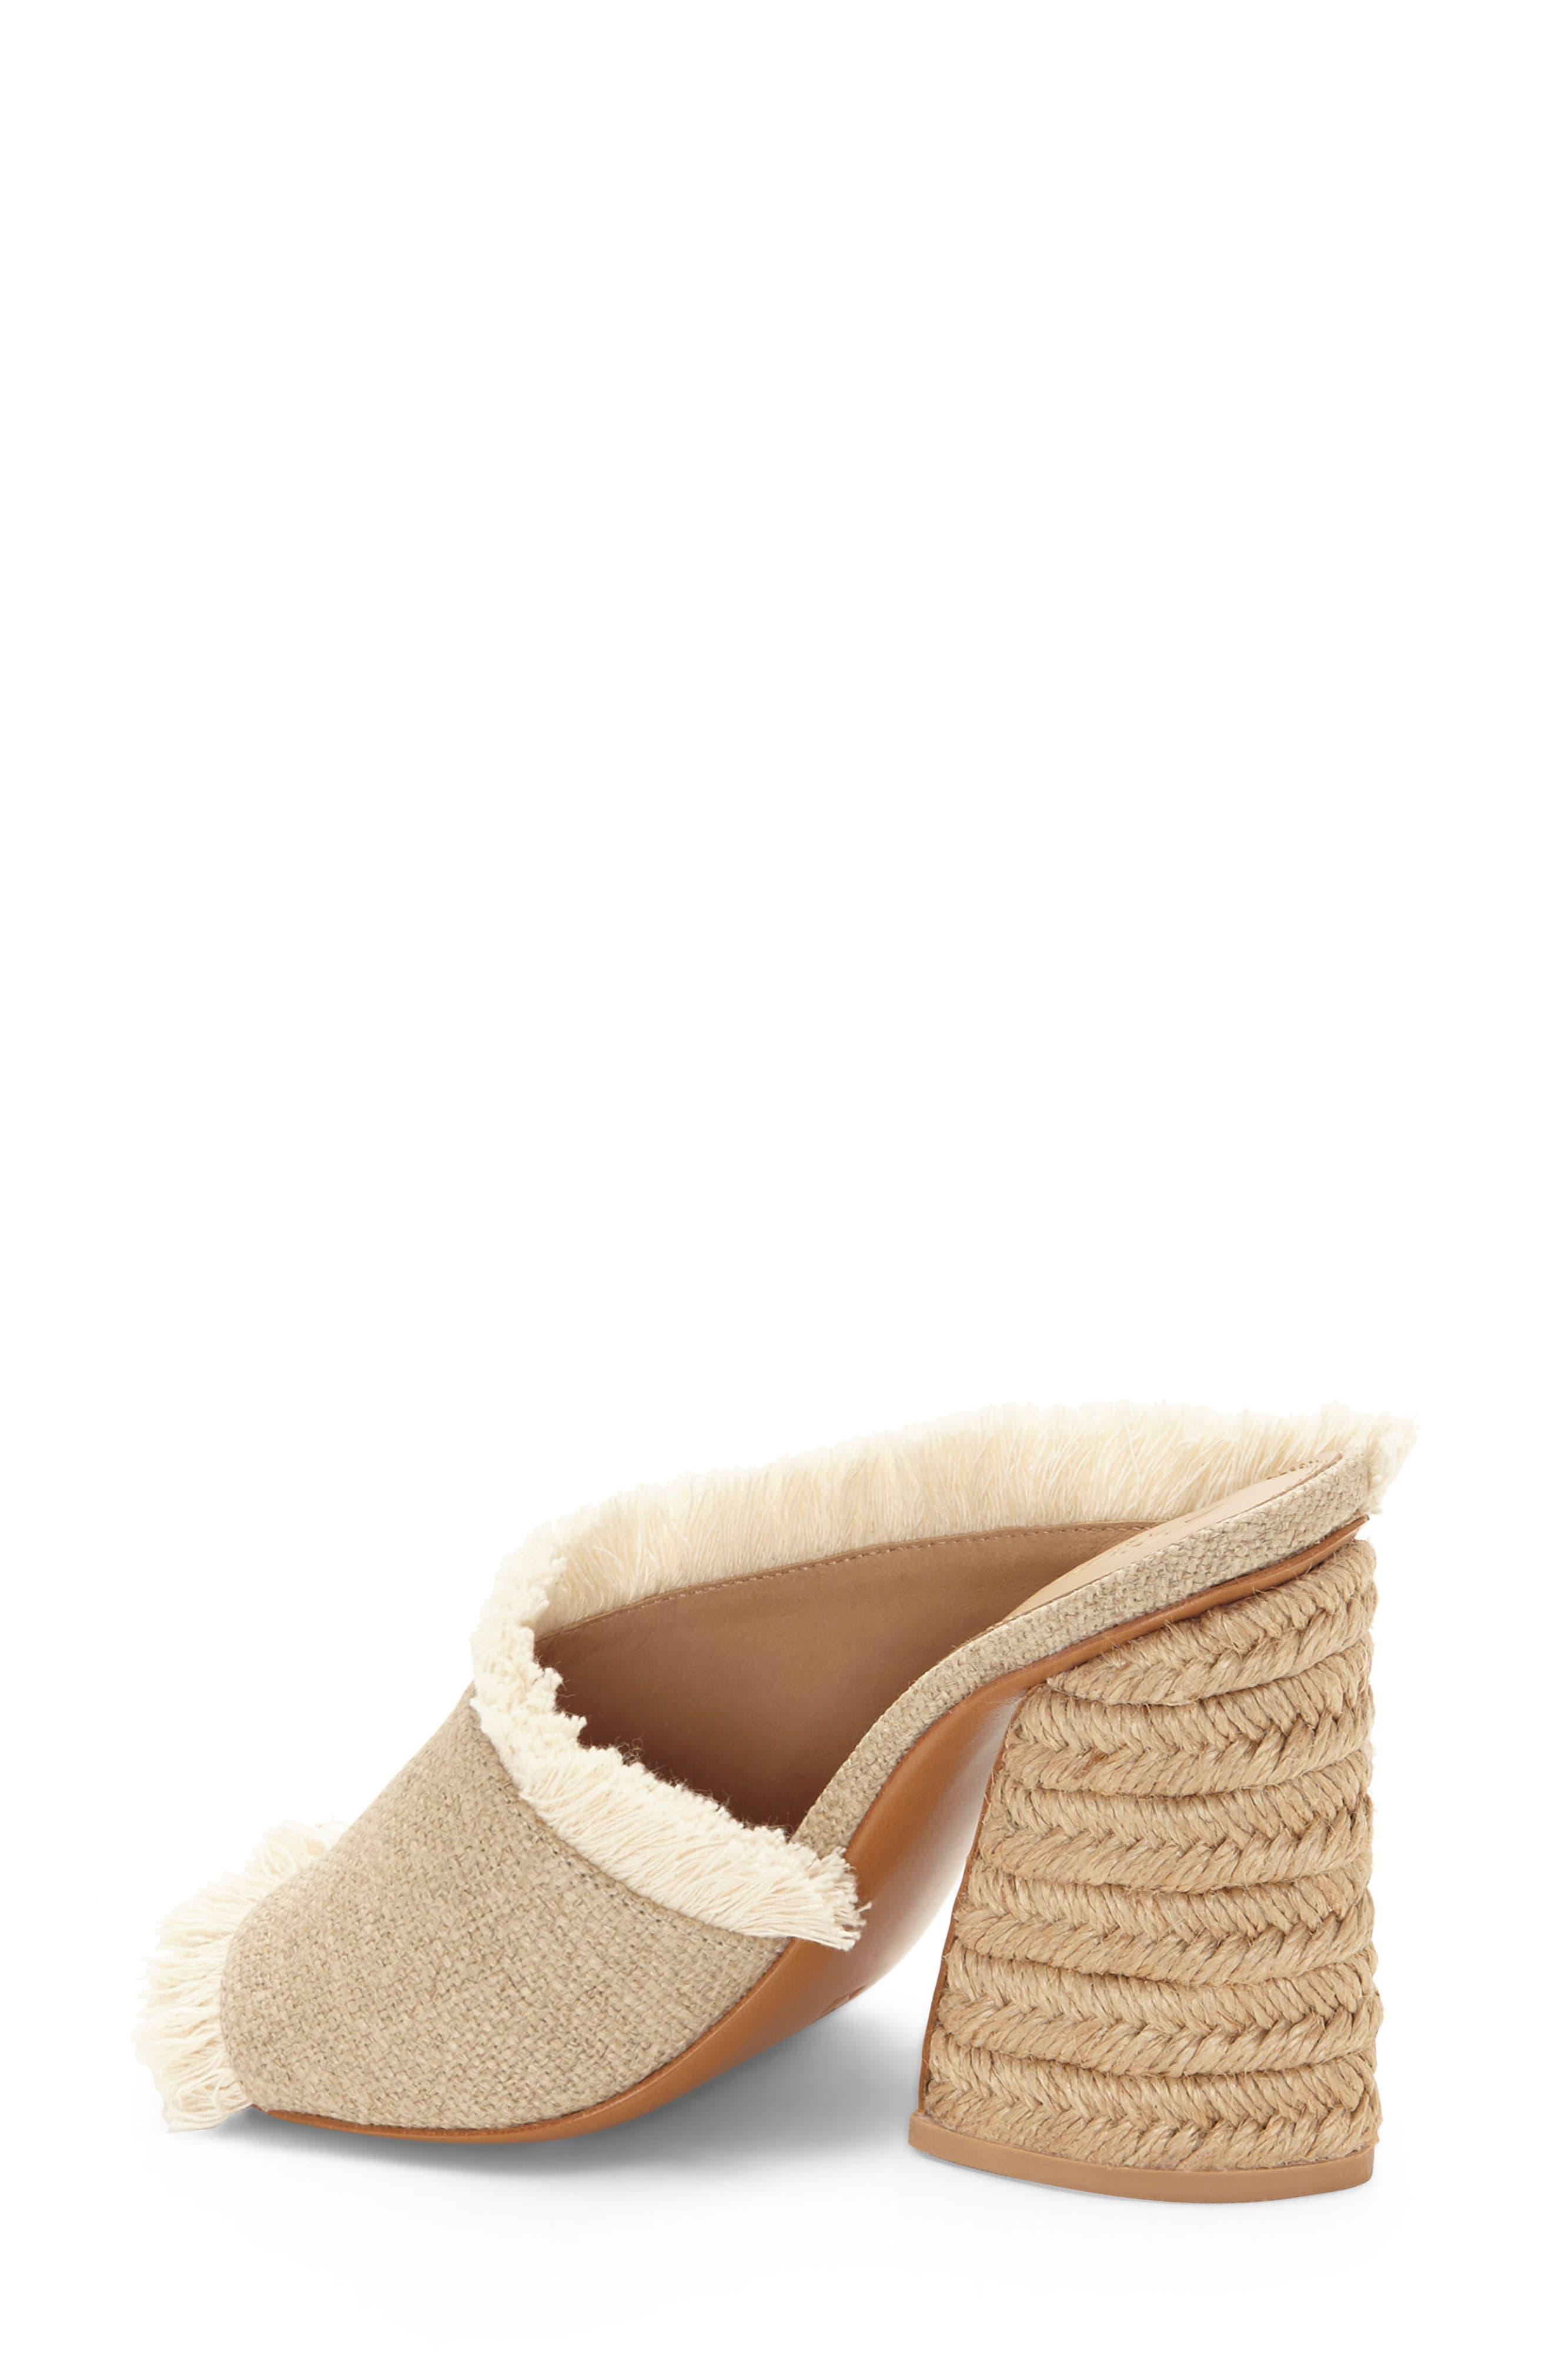 Izar Fringe Asymmetrical Sandal,                             Alternate thumbnail 2, color,                             250